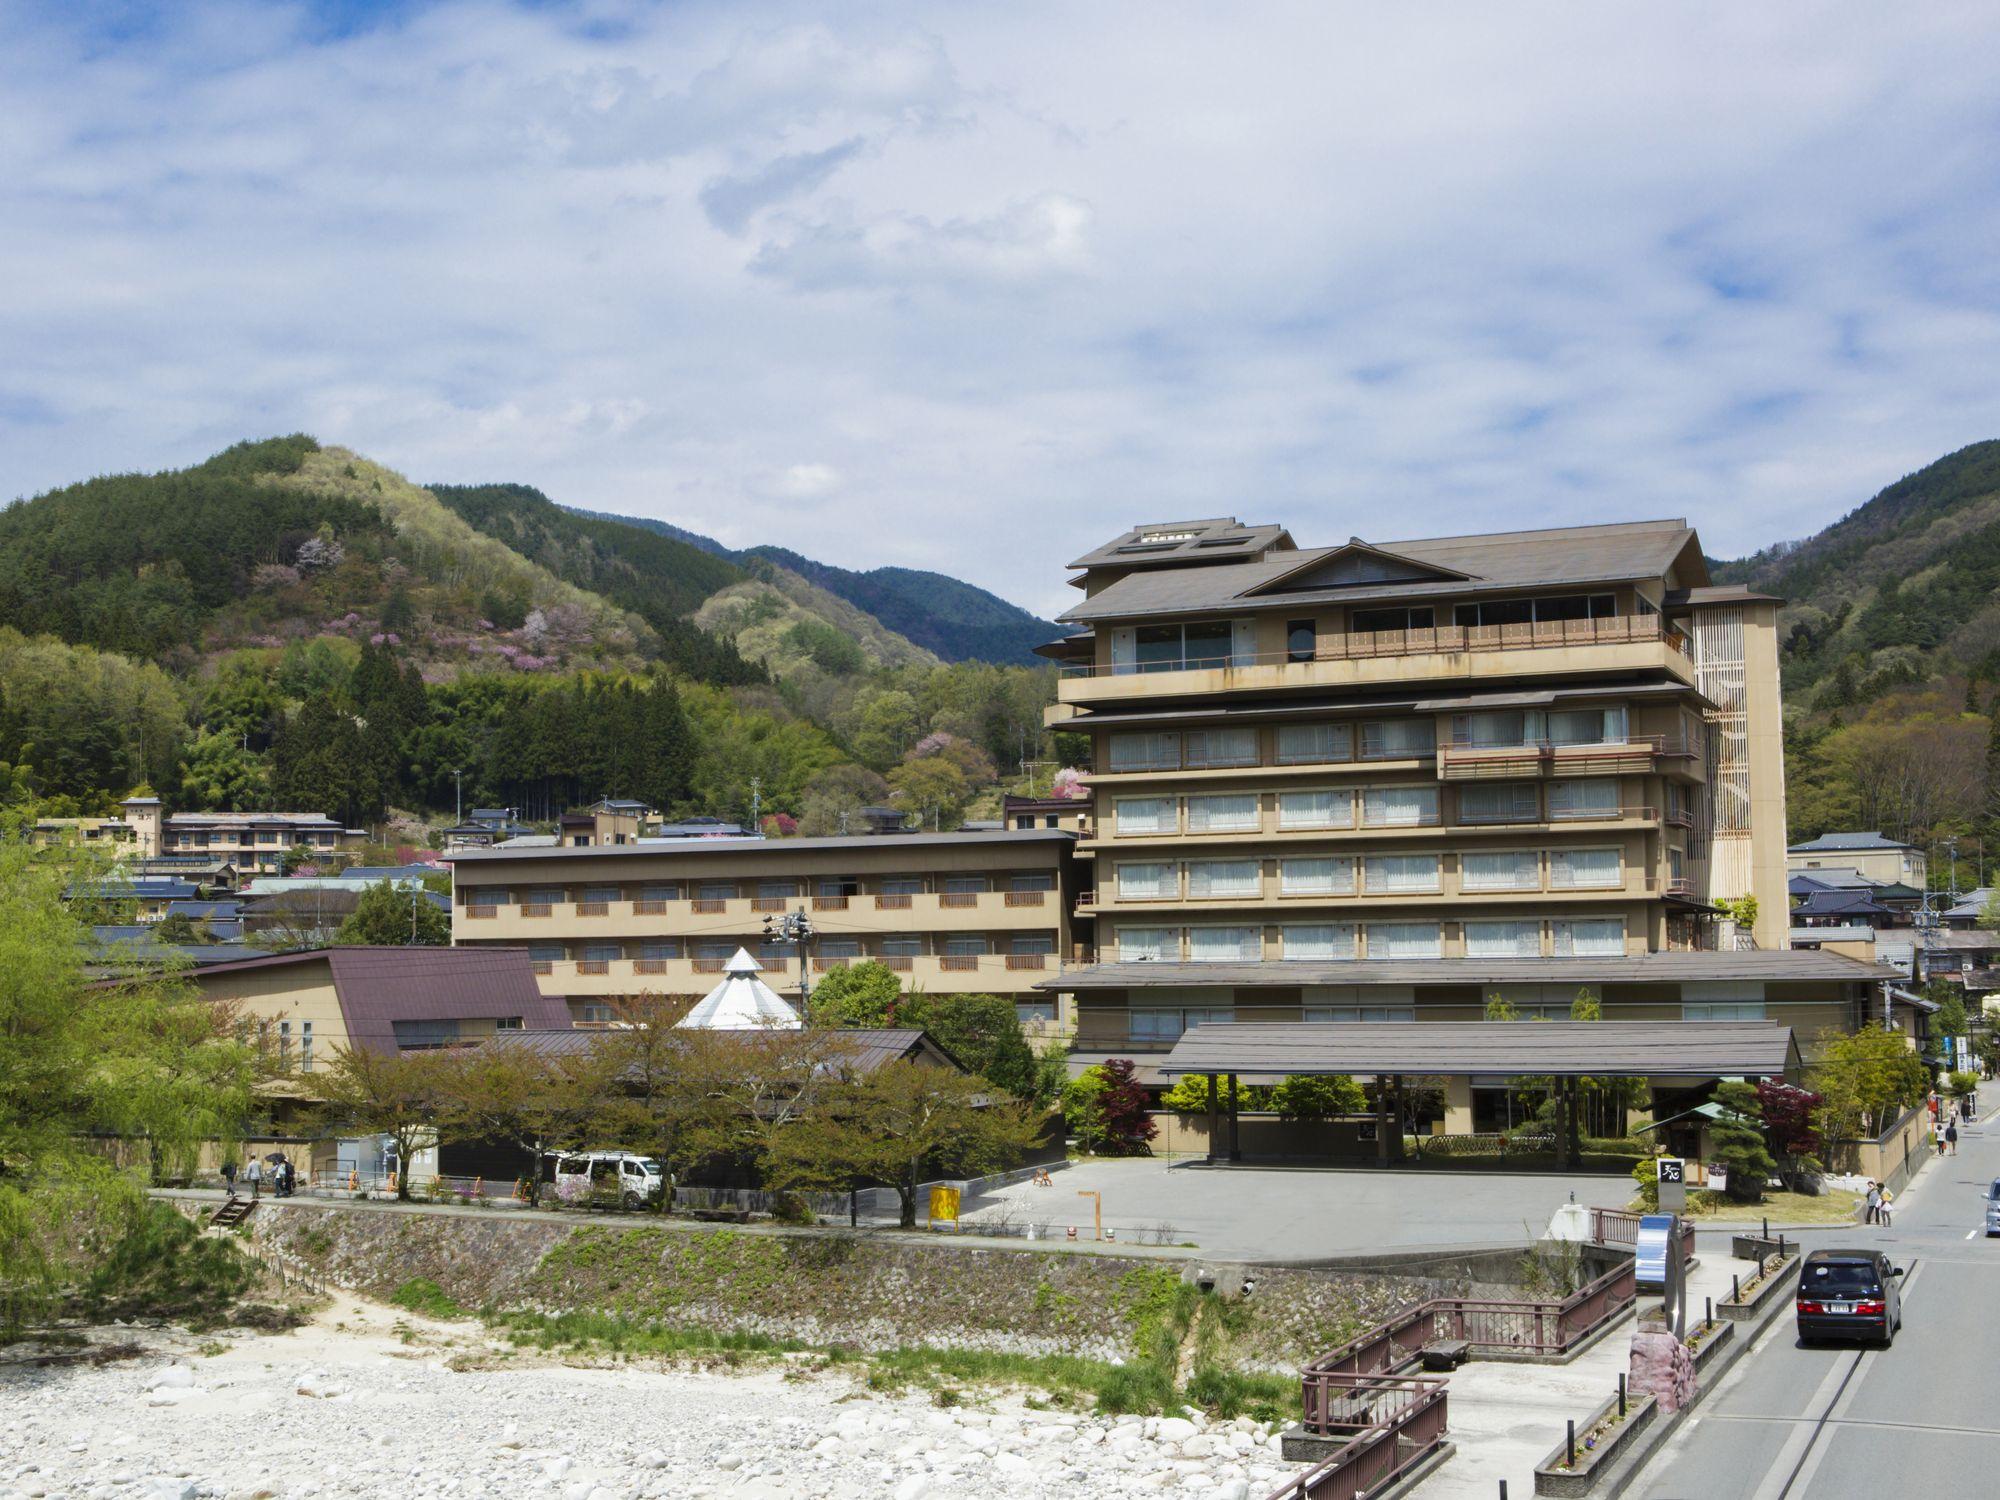 長野県│ワーケーションにおすすめ!Wi-Fi完備でテレワークにおすすめの温泉宿